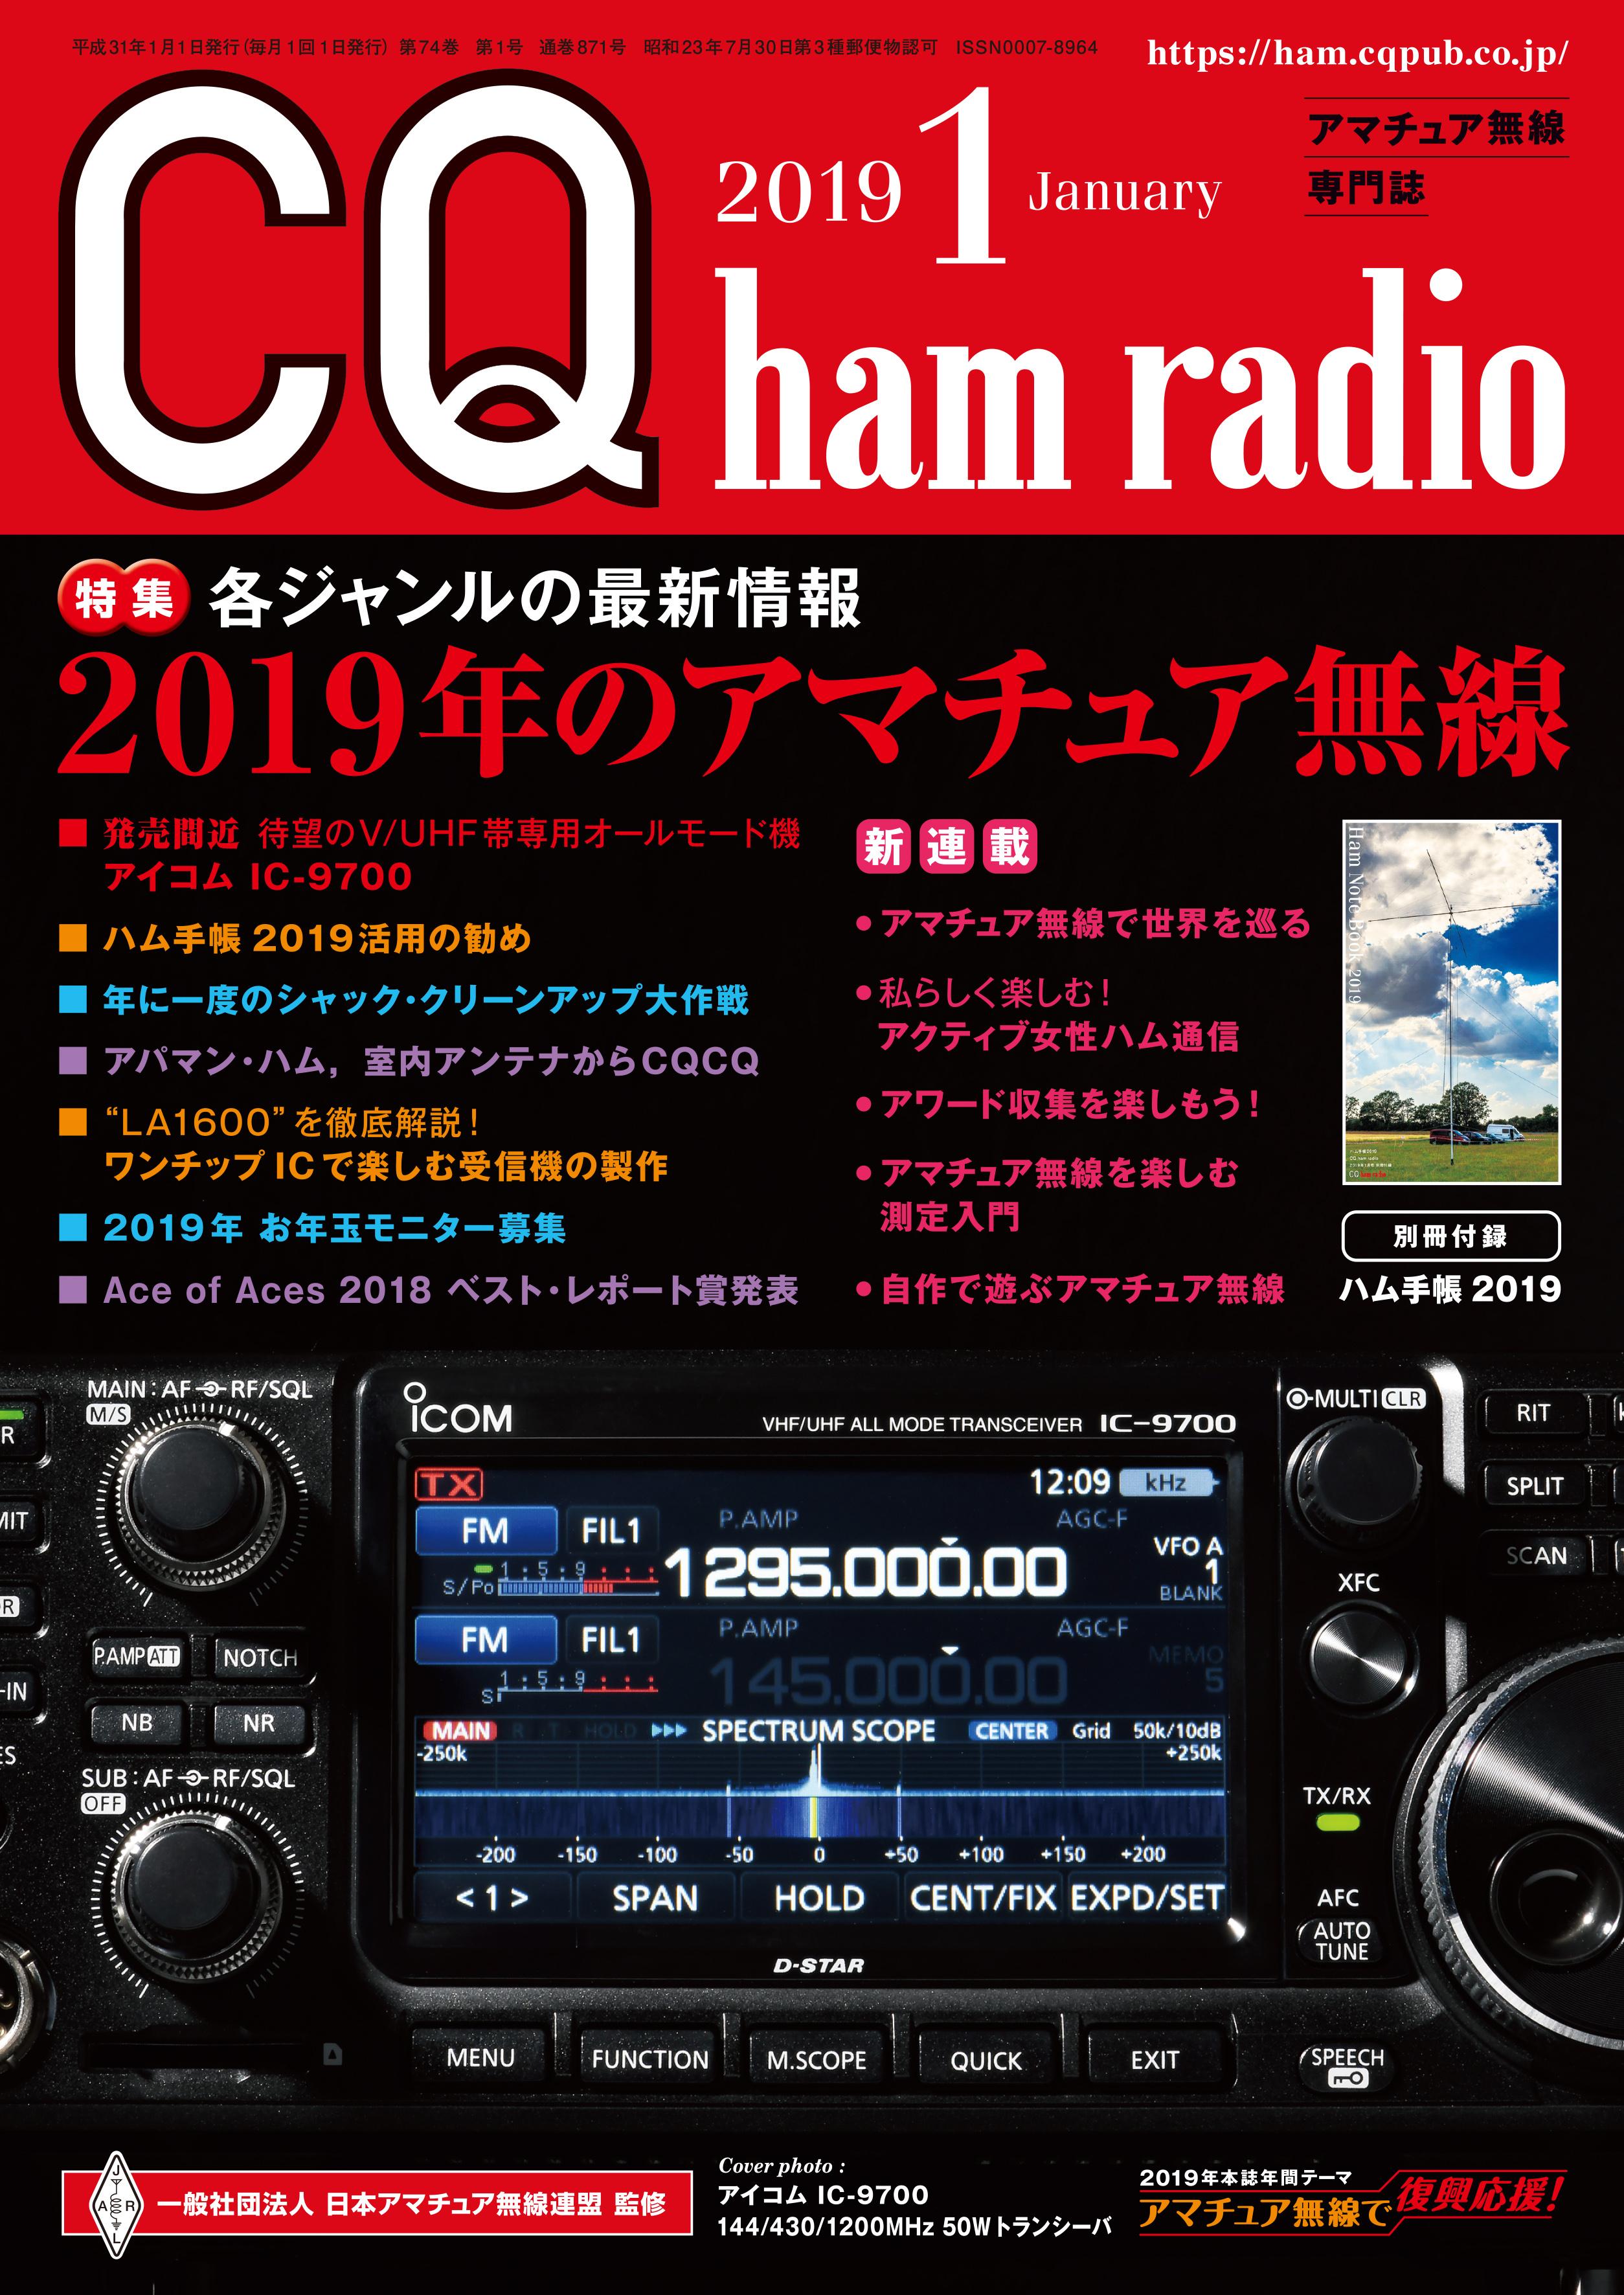 CQ ham radio 2019年1月号